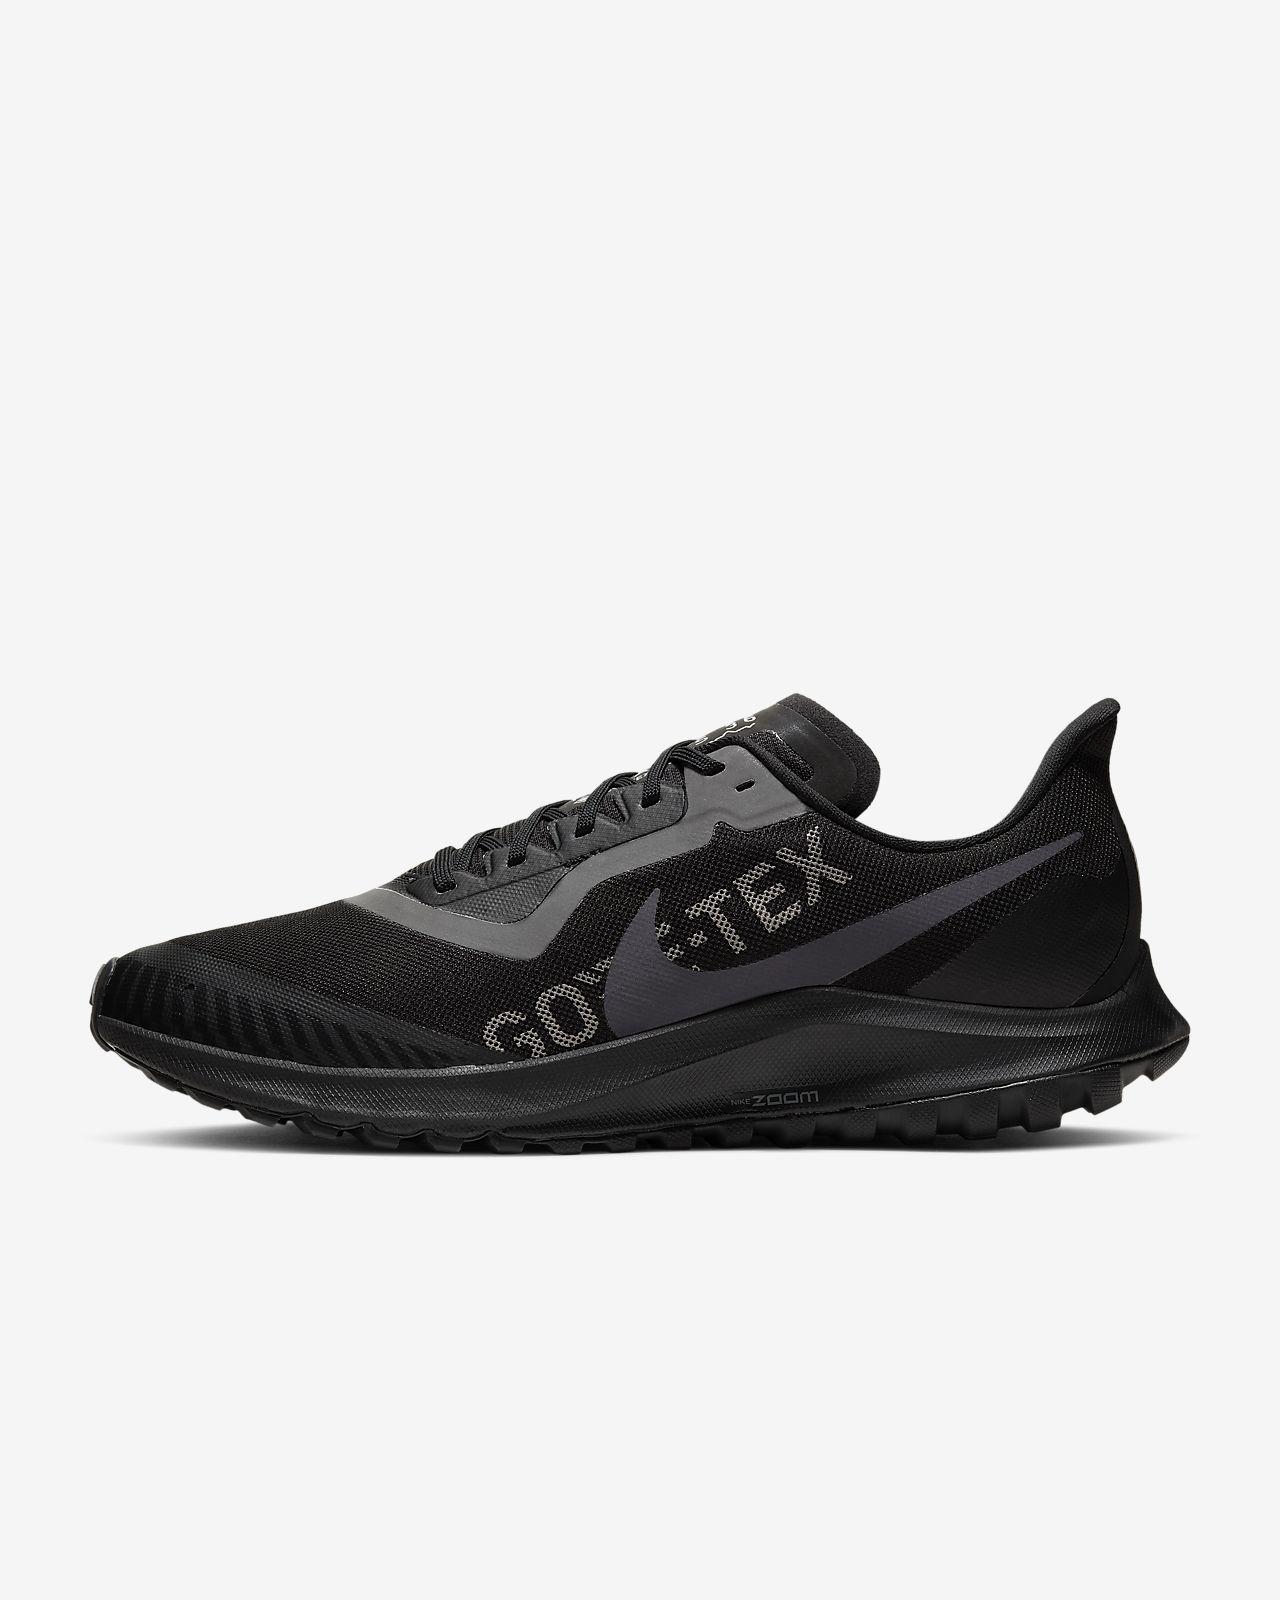 scarpe nike trail running uomo